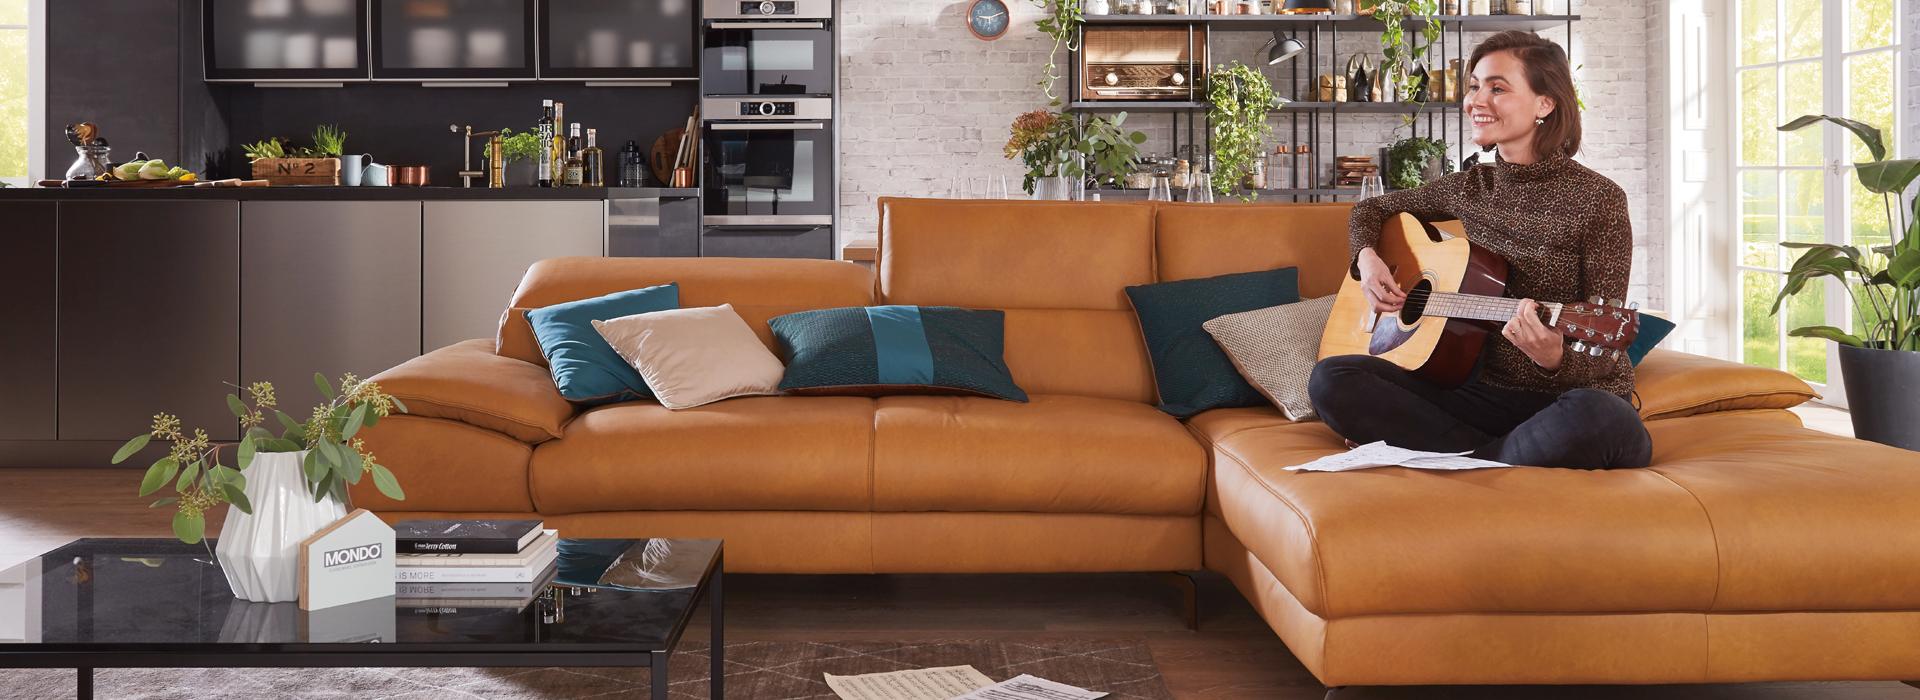 MONDO Möbel - Schöne Möbel. Schöner Leben.